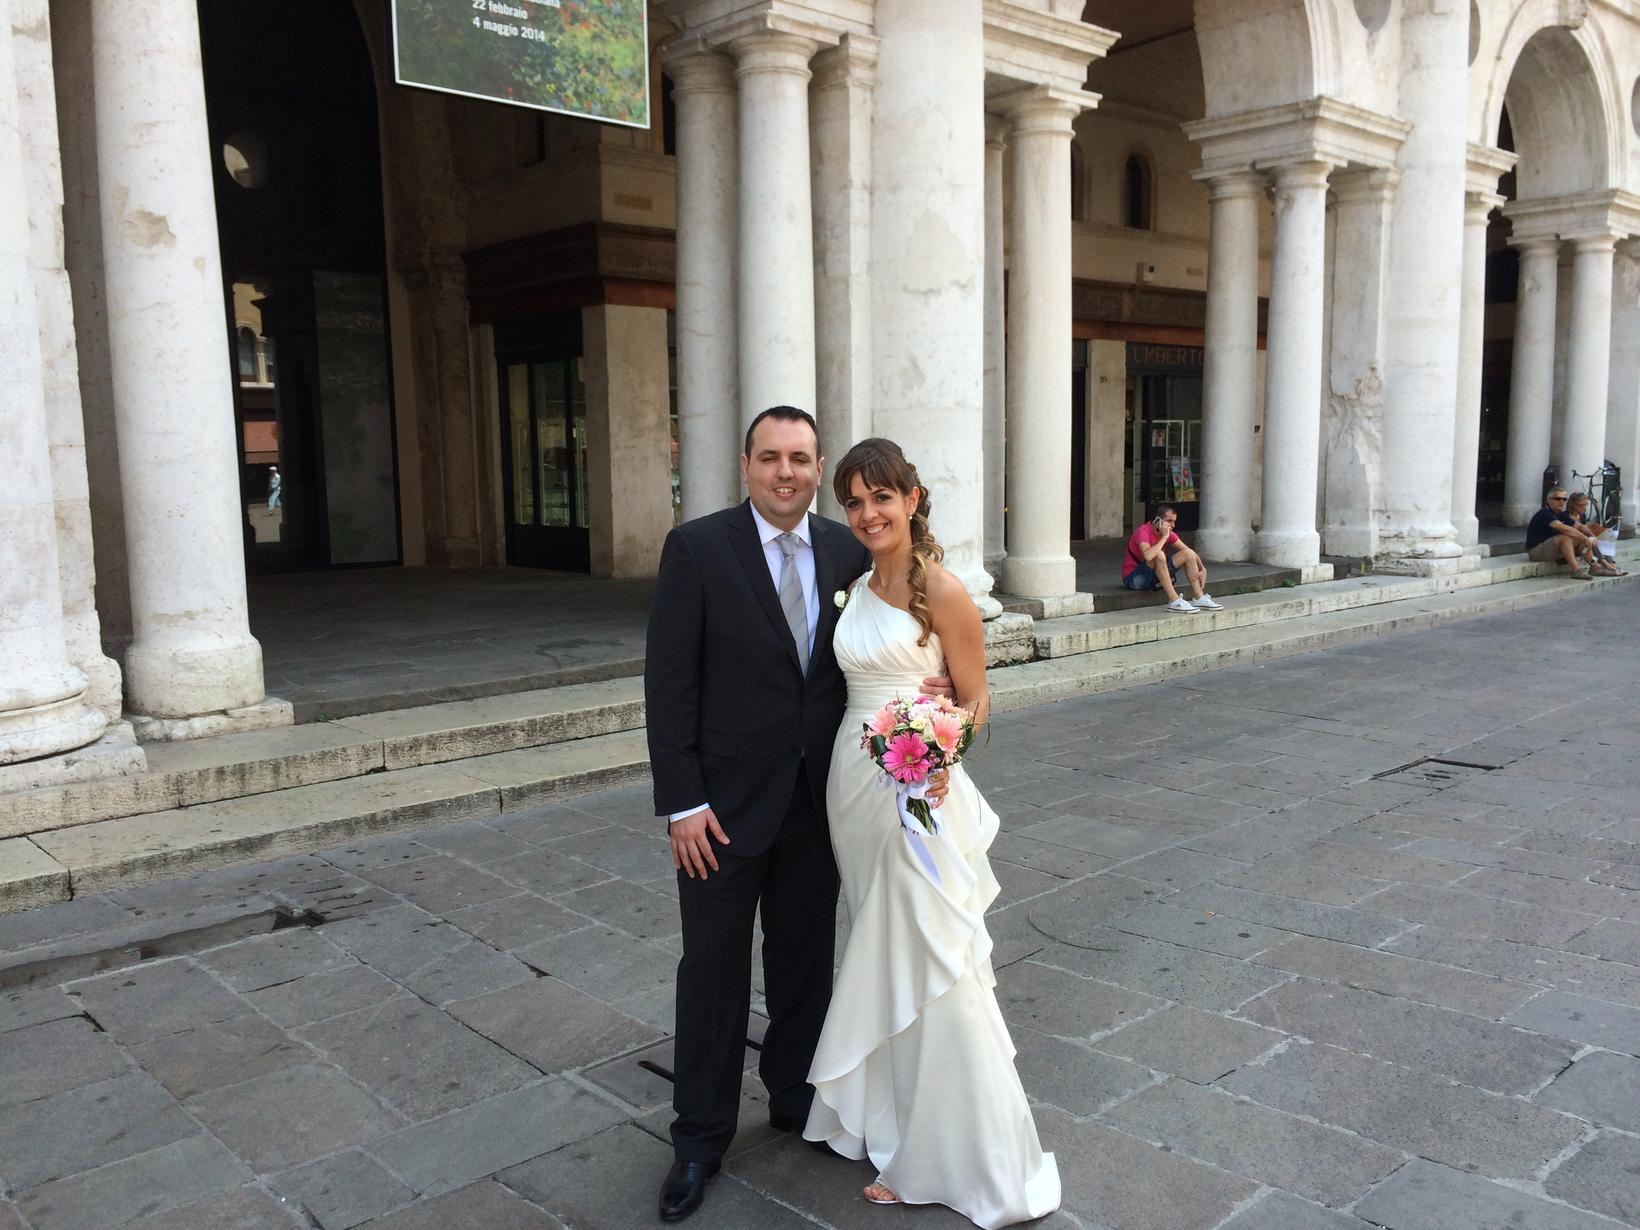 Nicolo & Anastasia from Dublin, Ireland